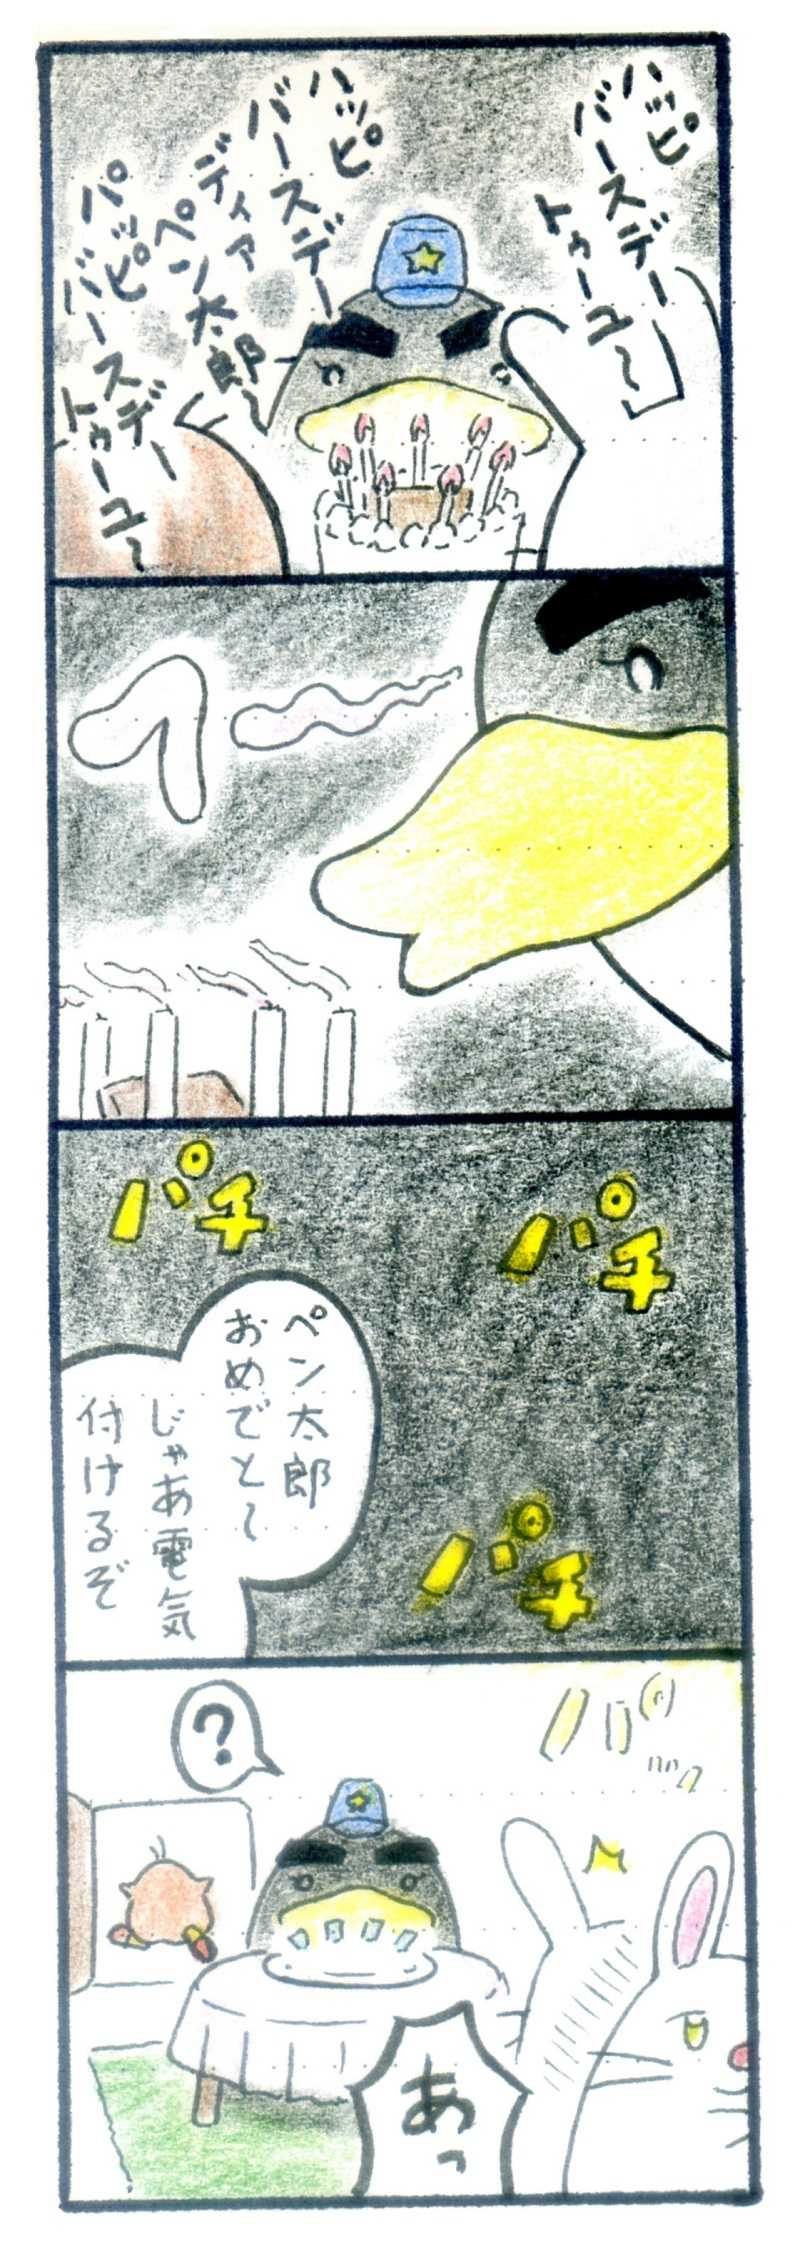 ストック物語 番外編